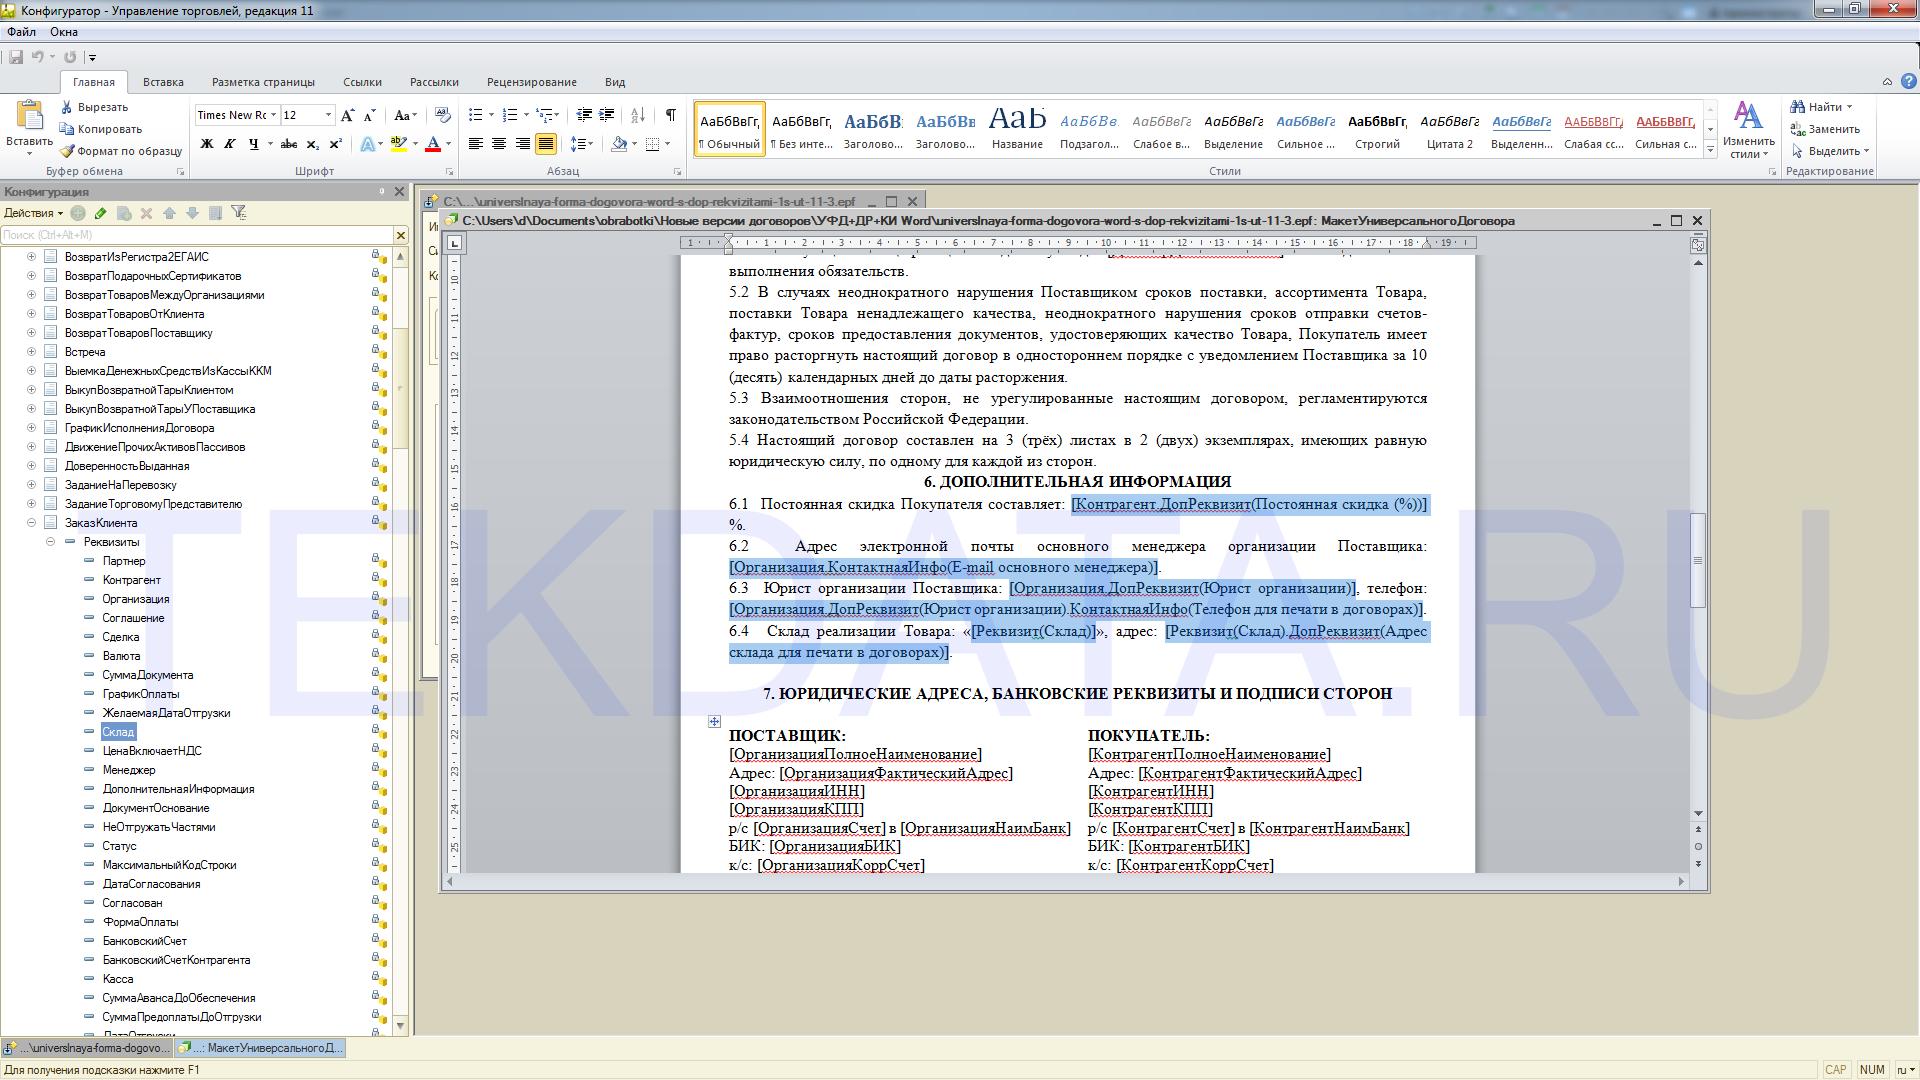 Универсальная печатная форма договора в формате Word для 1С:УТ 11.2 (внешняя обработка *.epf) | tekdata.ru